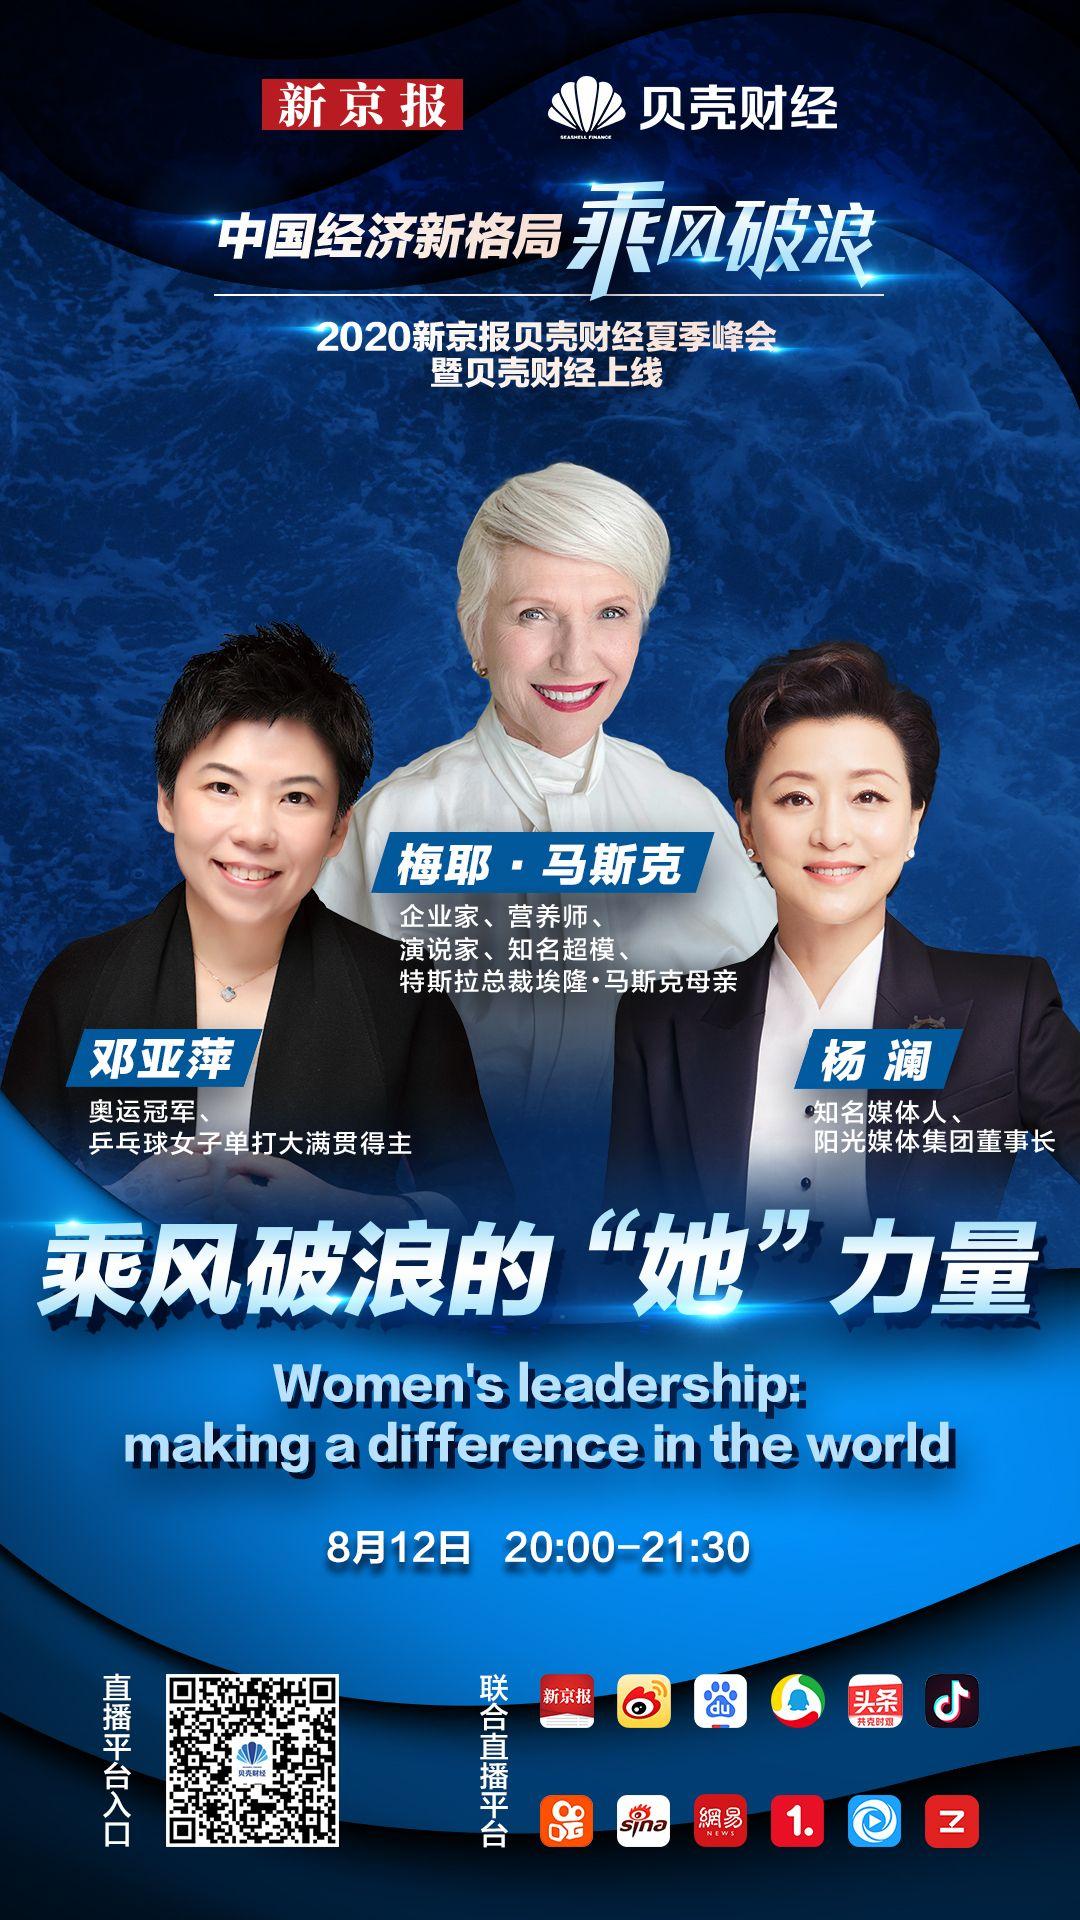 深读|疫情下,梅耶·马斯克、杨澜、邓亚萍共话女性如何乘风破浪